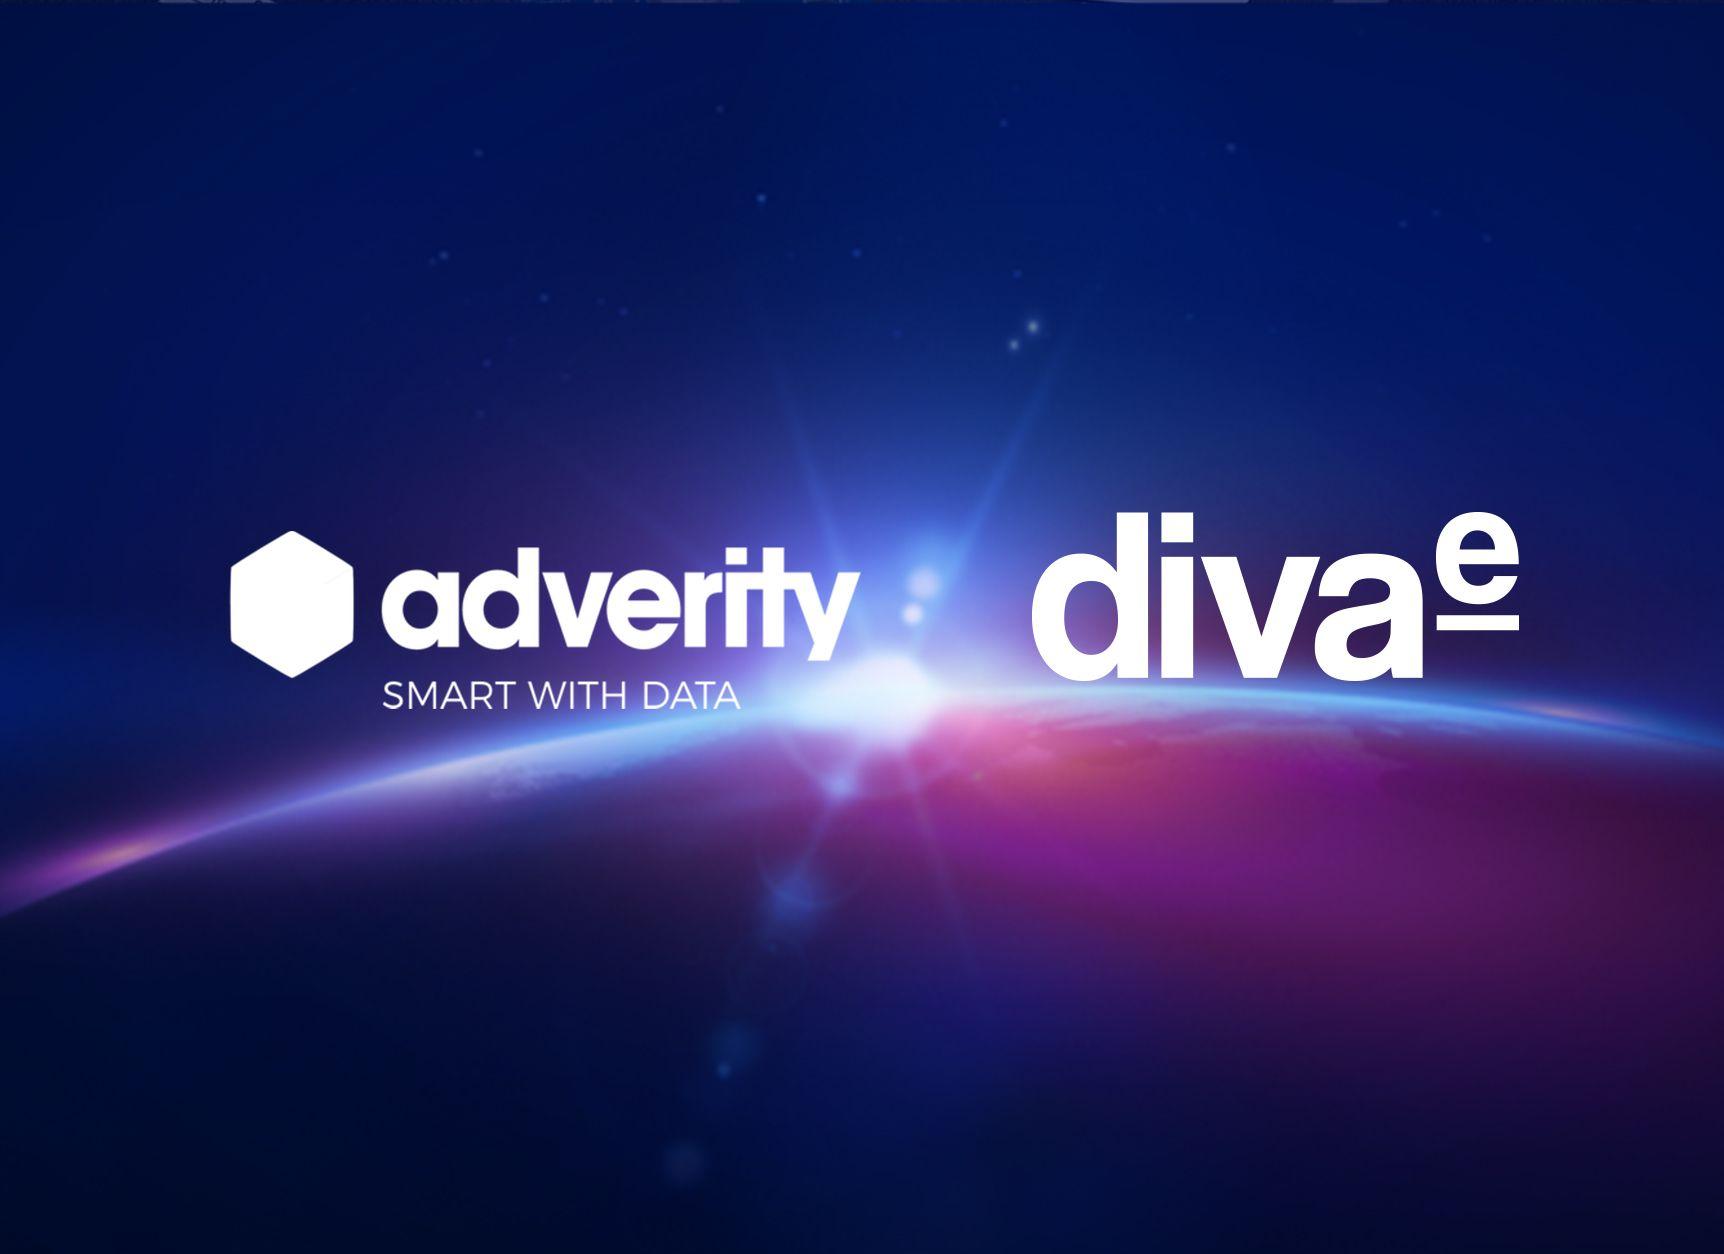 diva-e und Datenspezialist Adverity gehen Partnerschaft ein